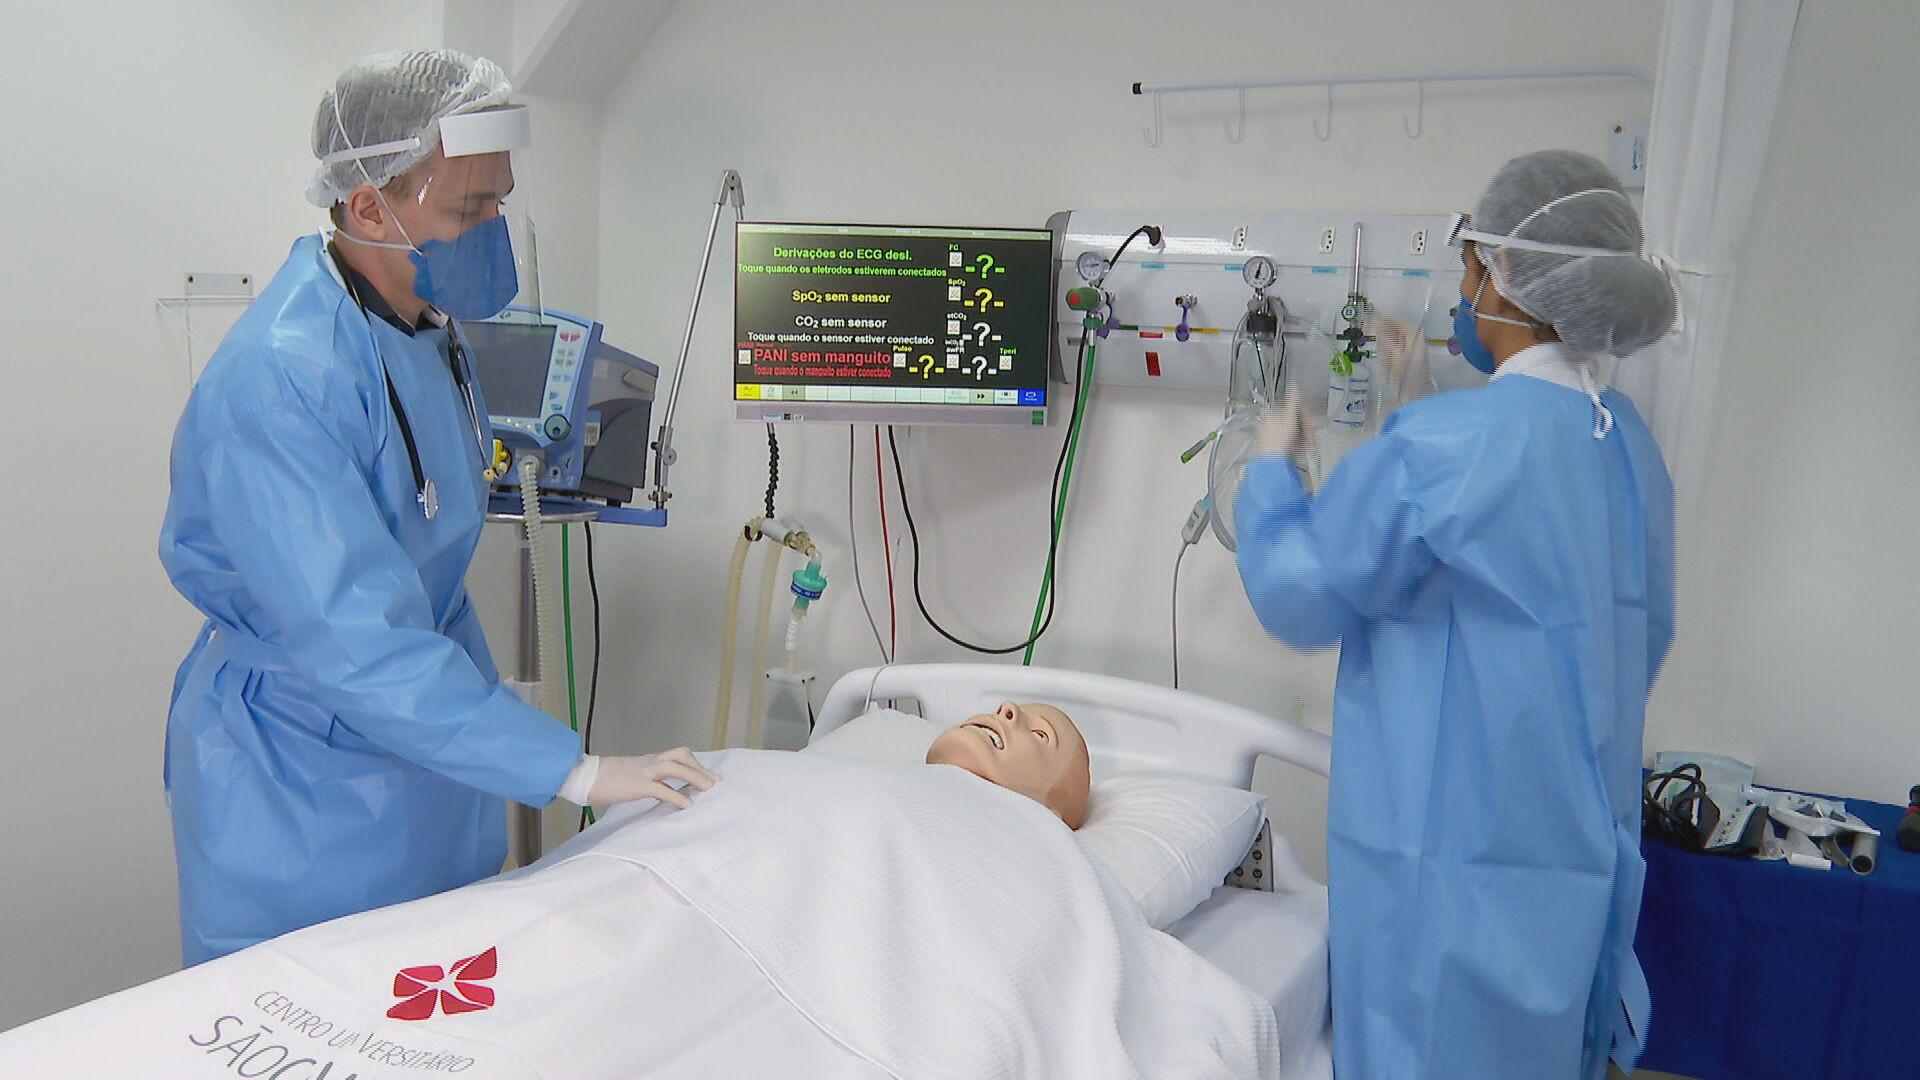 Procura por graduações na área da saúde aumenta durante a pandemia (05.jun.2021)